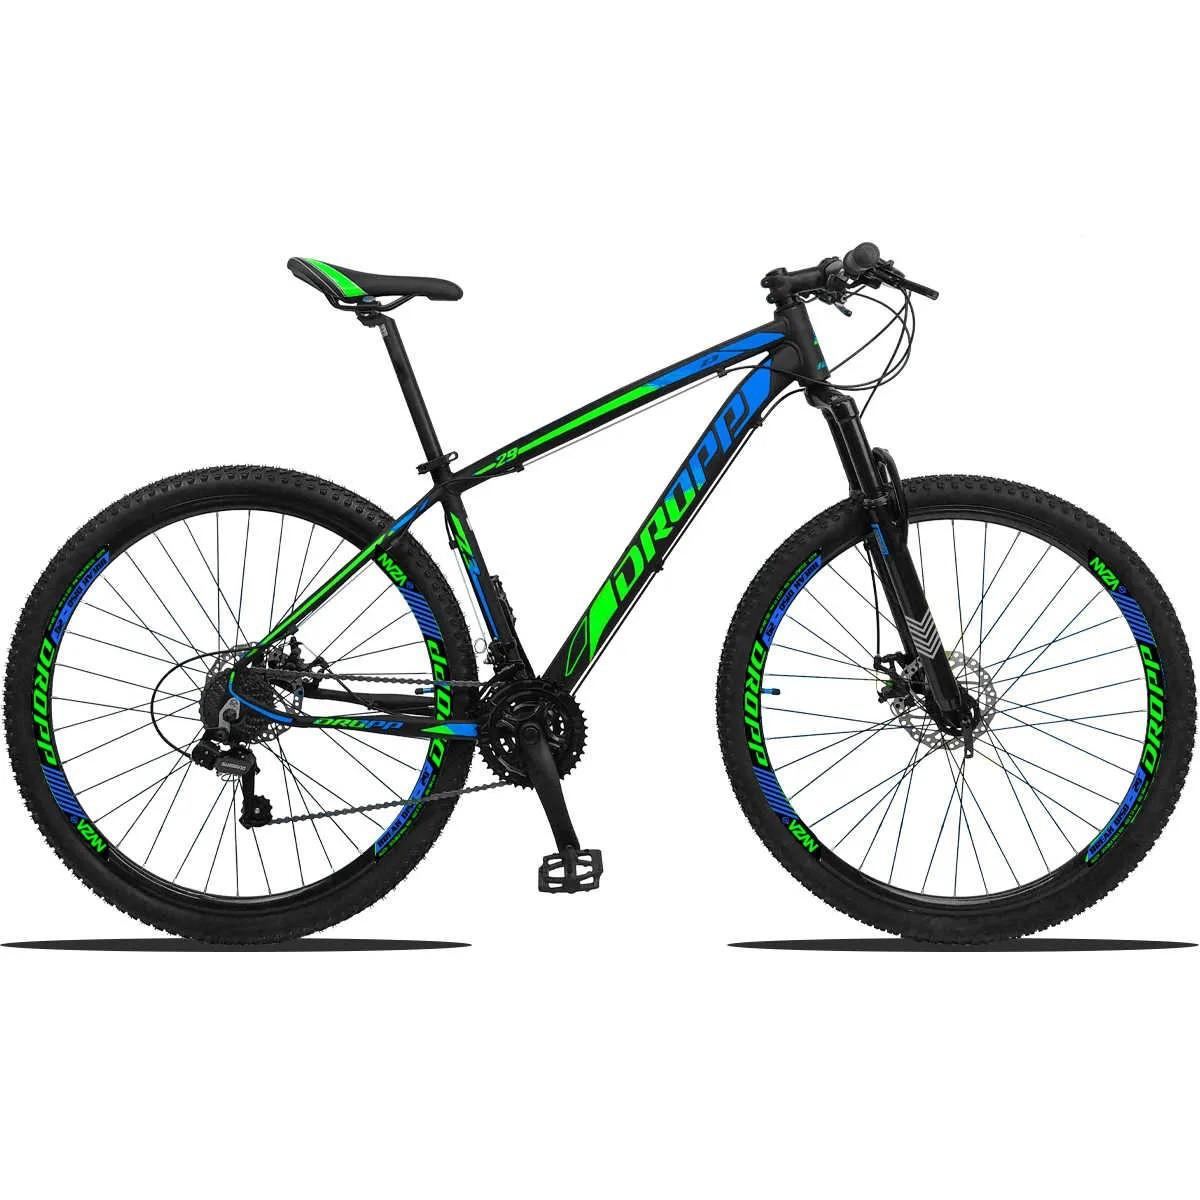 Bicicleta Aro 29 MTB Dropp Z3 21v Shimano Freio a Disco - Cores